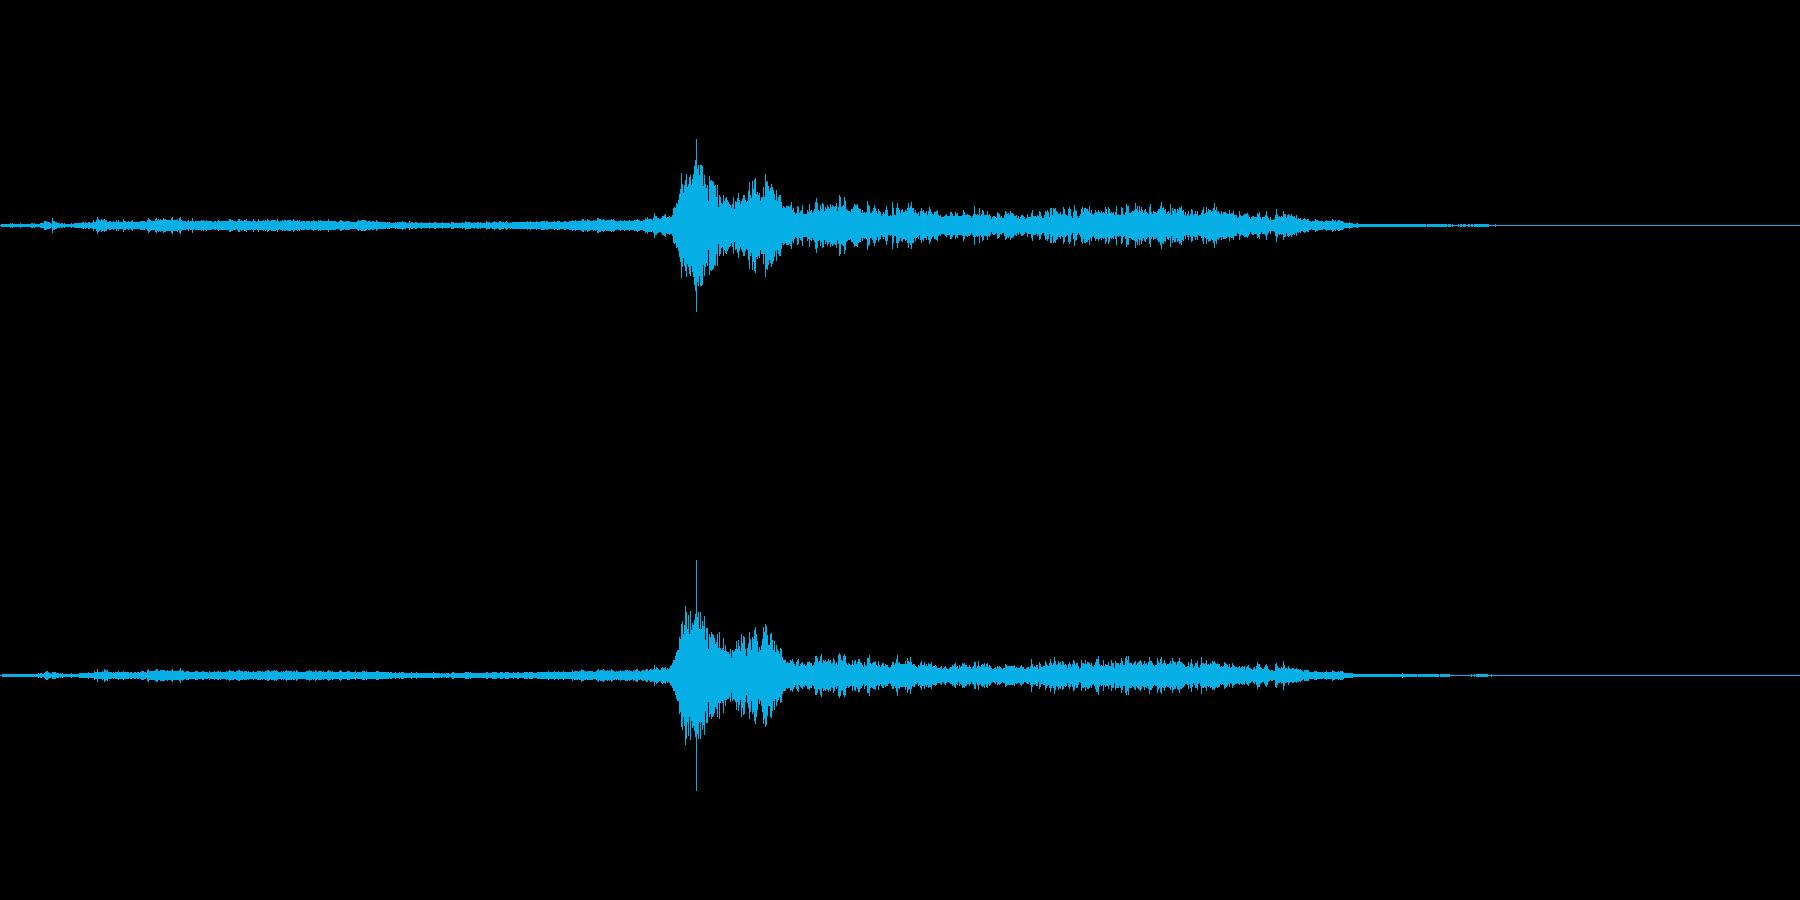 ガタンガタンキュー 電車の通過音の再生済みの波形